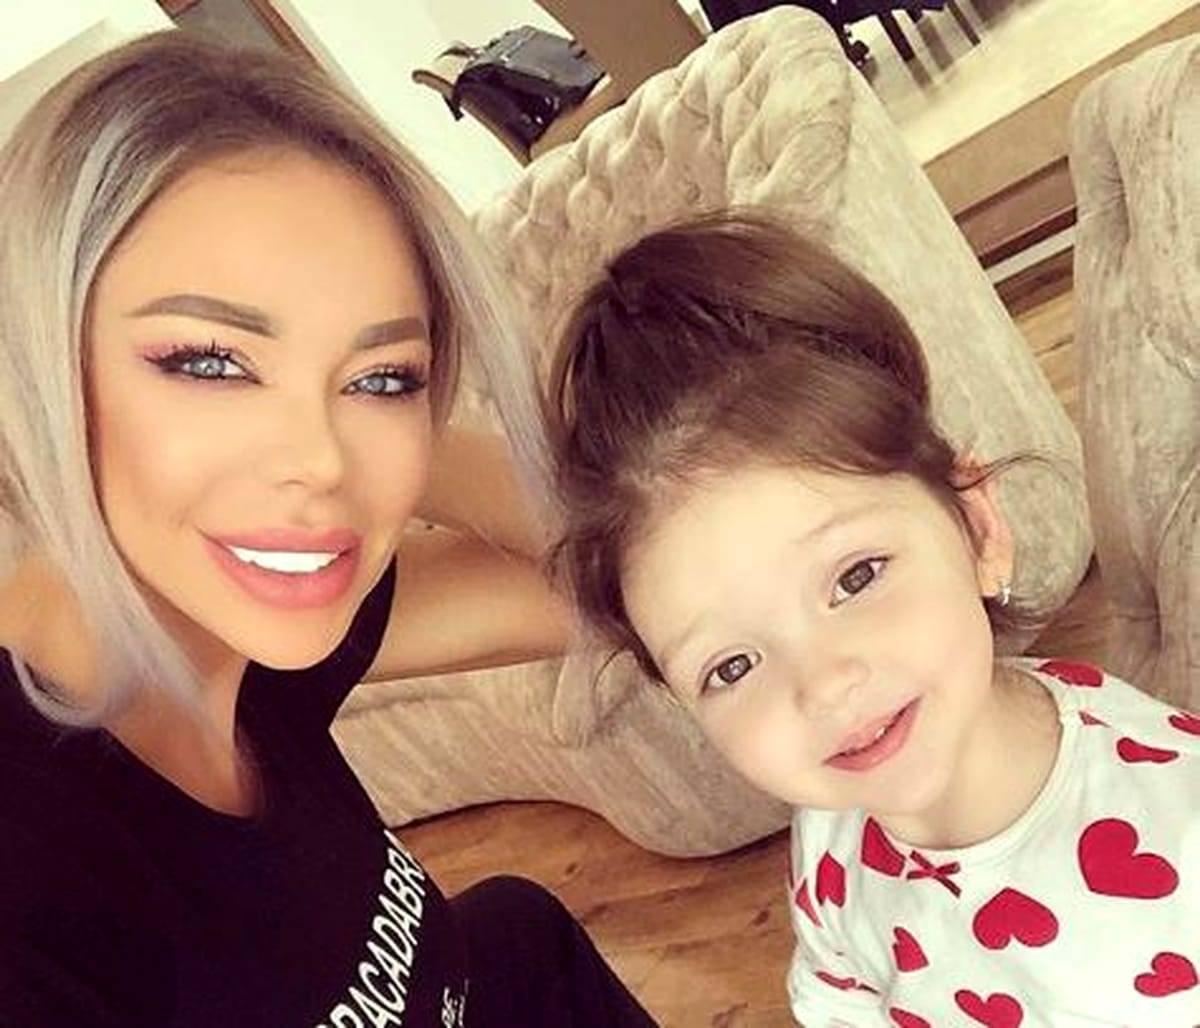 Prima zi de grădiniță a Sofiei, fiica Biancăi Drăgușanu, după vacanța de vară. De cine a fost micuța însoțită?